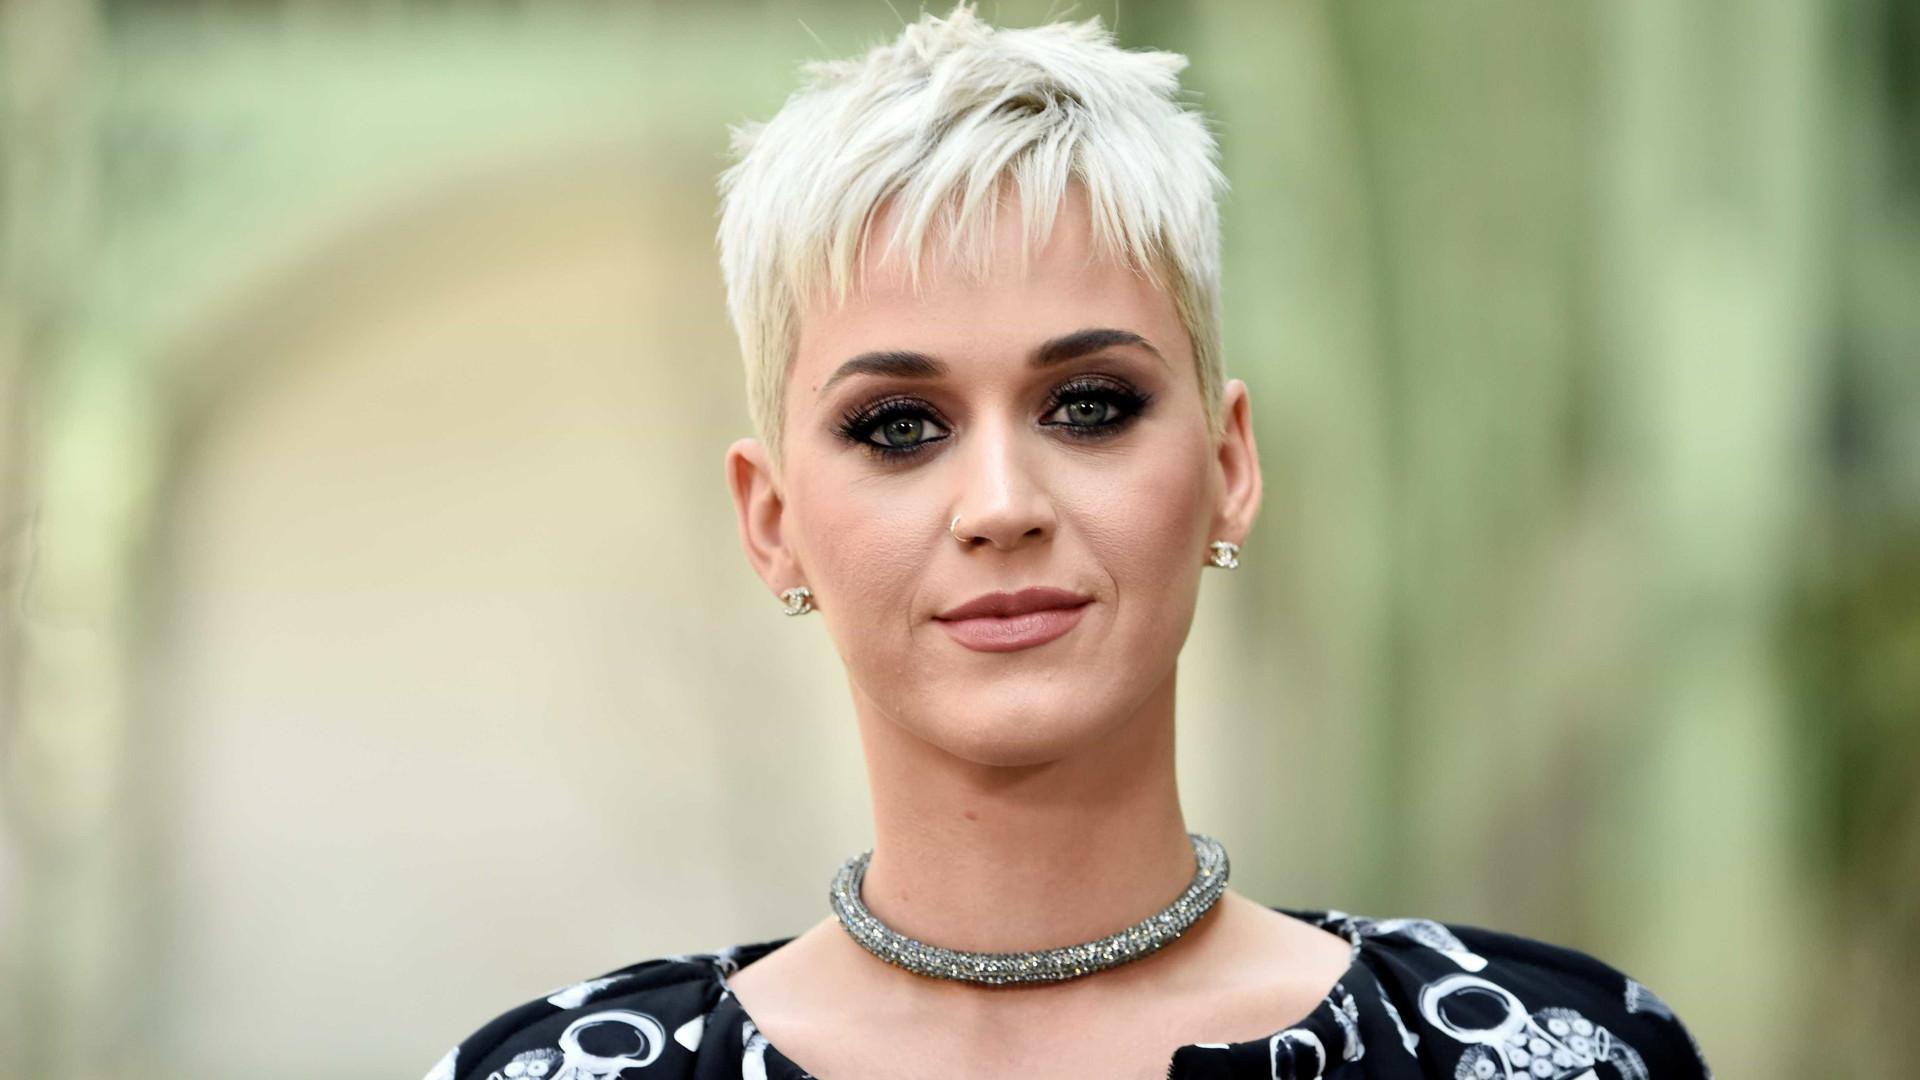 Ops! Katy Perry rasgou as calças em pleno programa de televisão